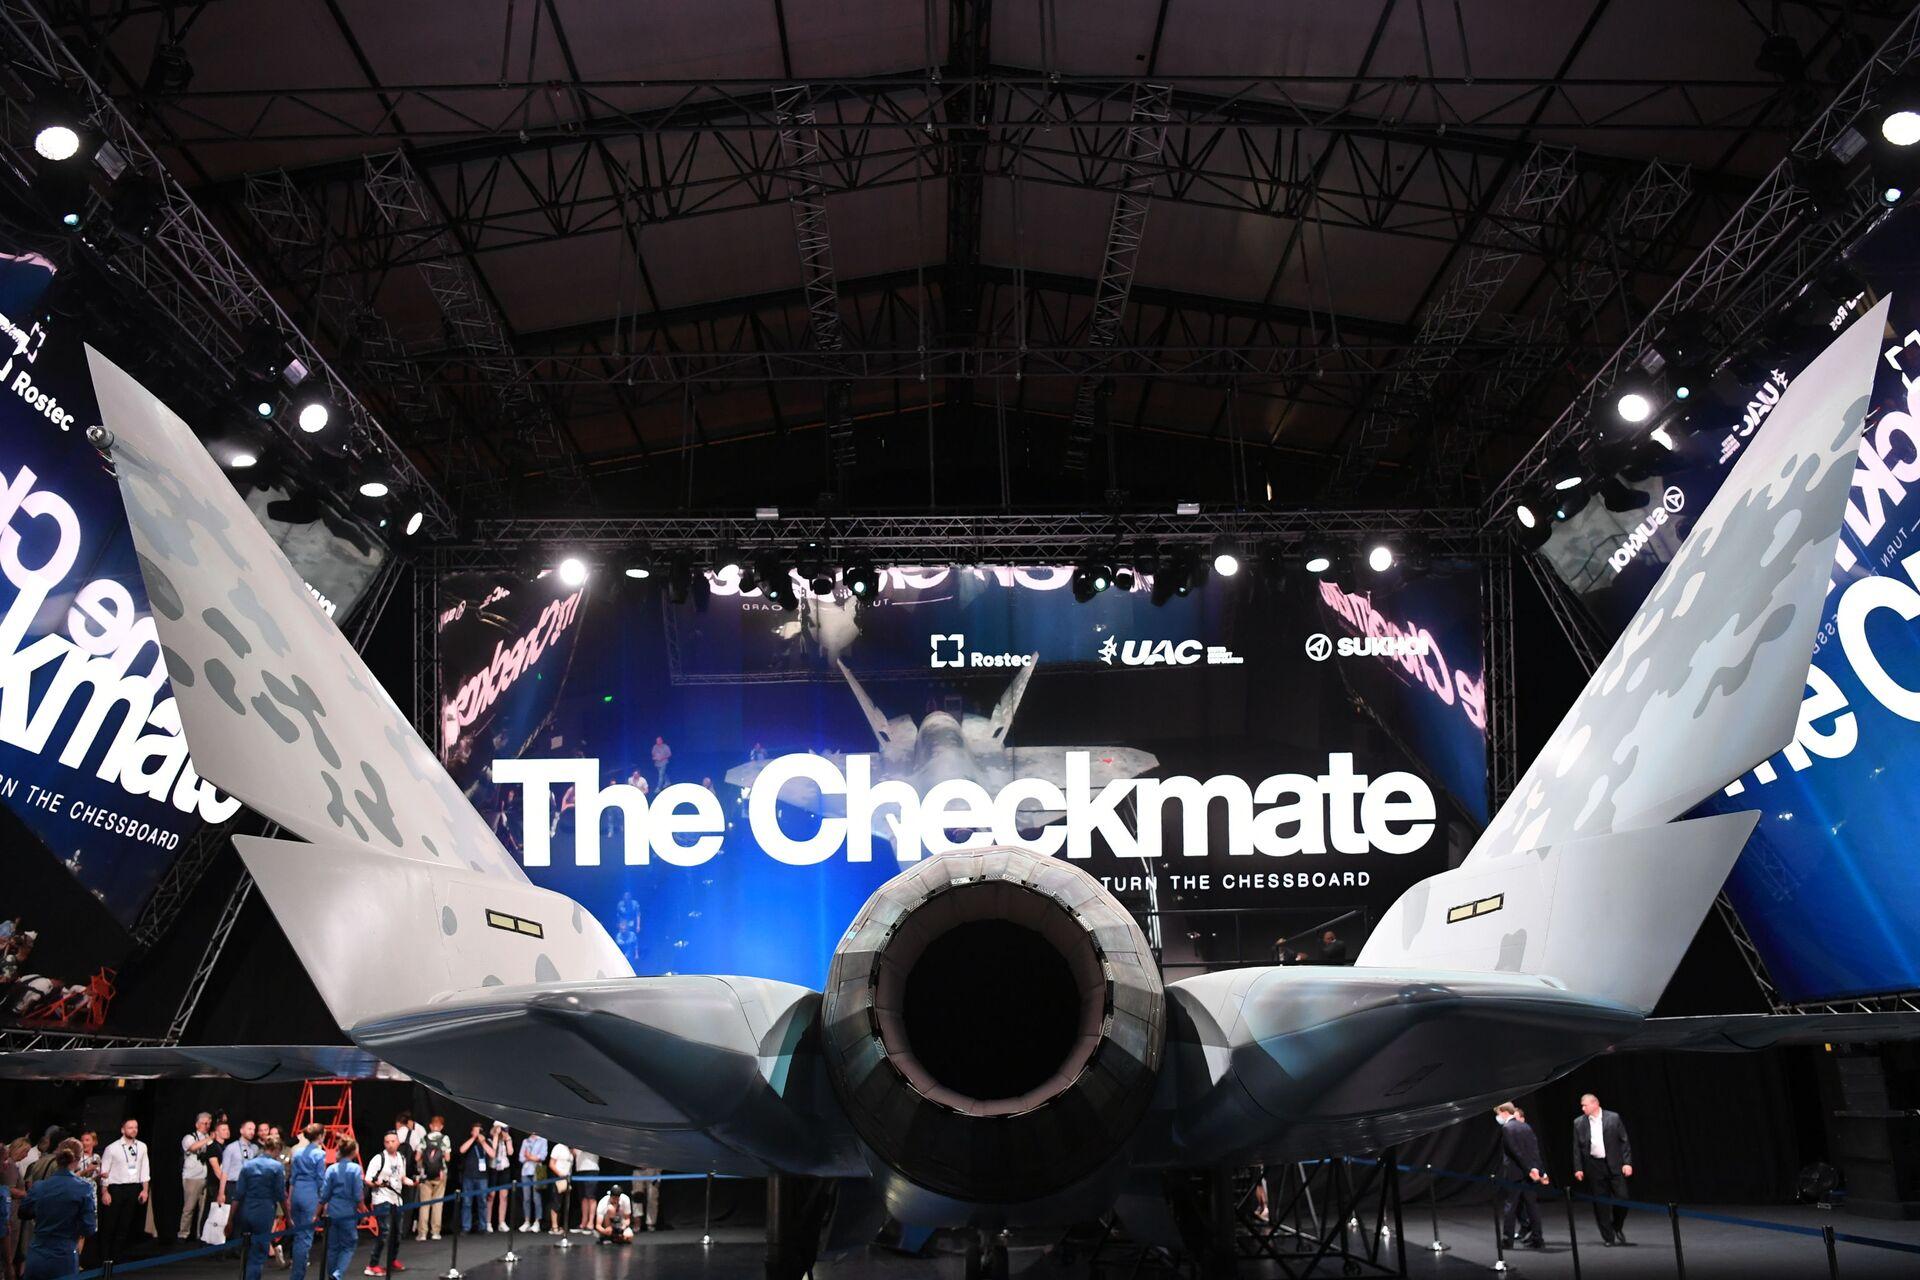 Thông số về máy bay chiến đấu Checkmate mới của Nga khiến người Mỹ thất vọng về đất nước mình - Sputnik Việt Nam, 1920, 22.07.2021